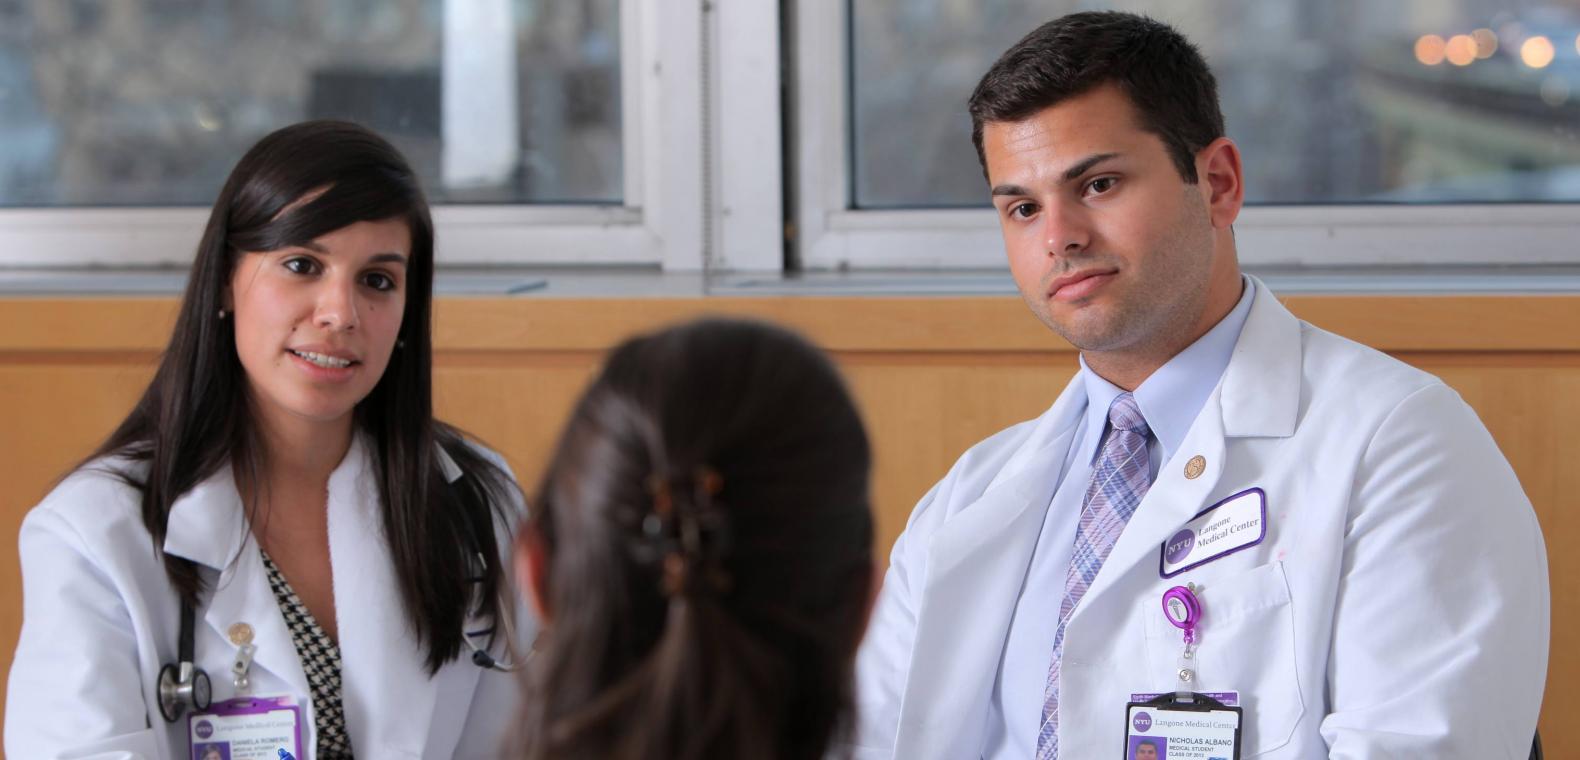 Kelulusan mahasiswa kedokteran New York University dipercepat